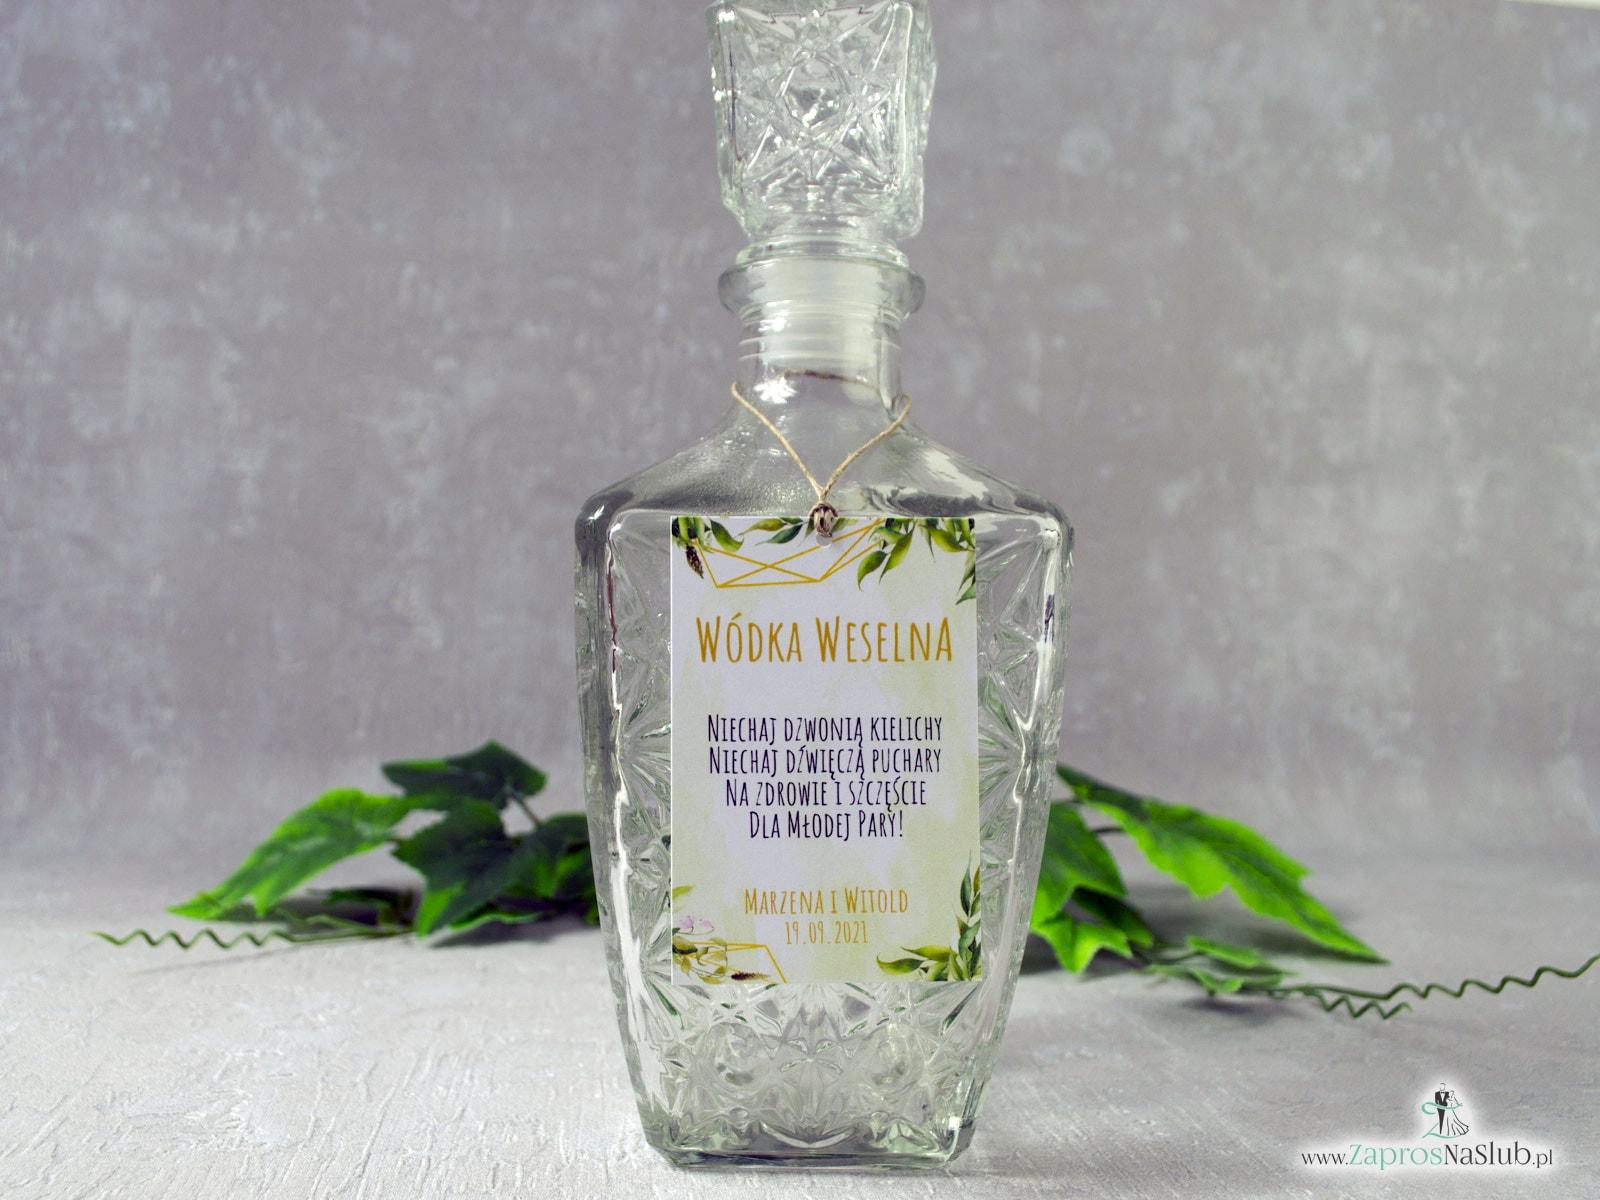 Geometryczna zawieszka na alkohol z motywem zielonych liści w stylu rustykalnym. ZAW-41-01